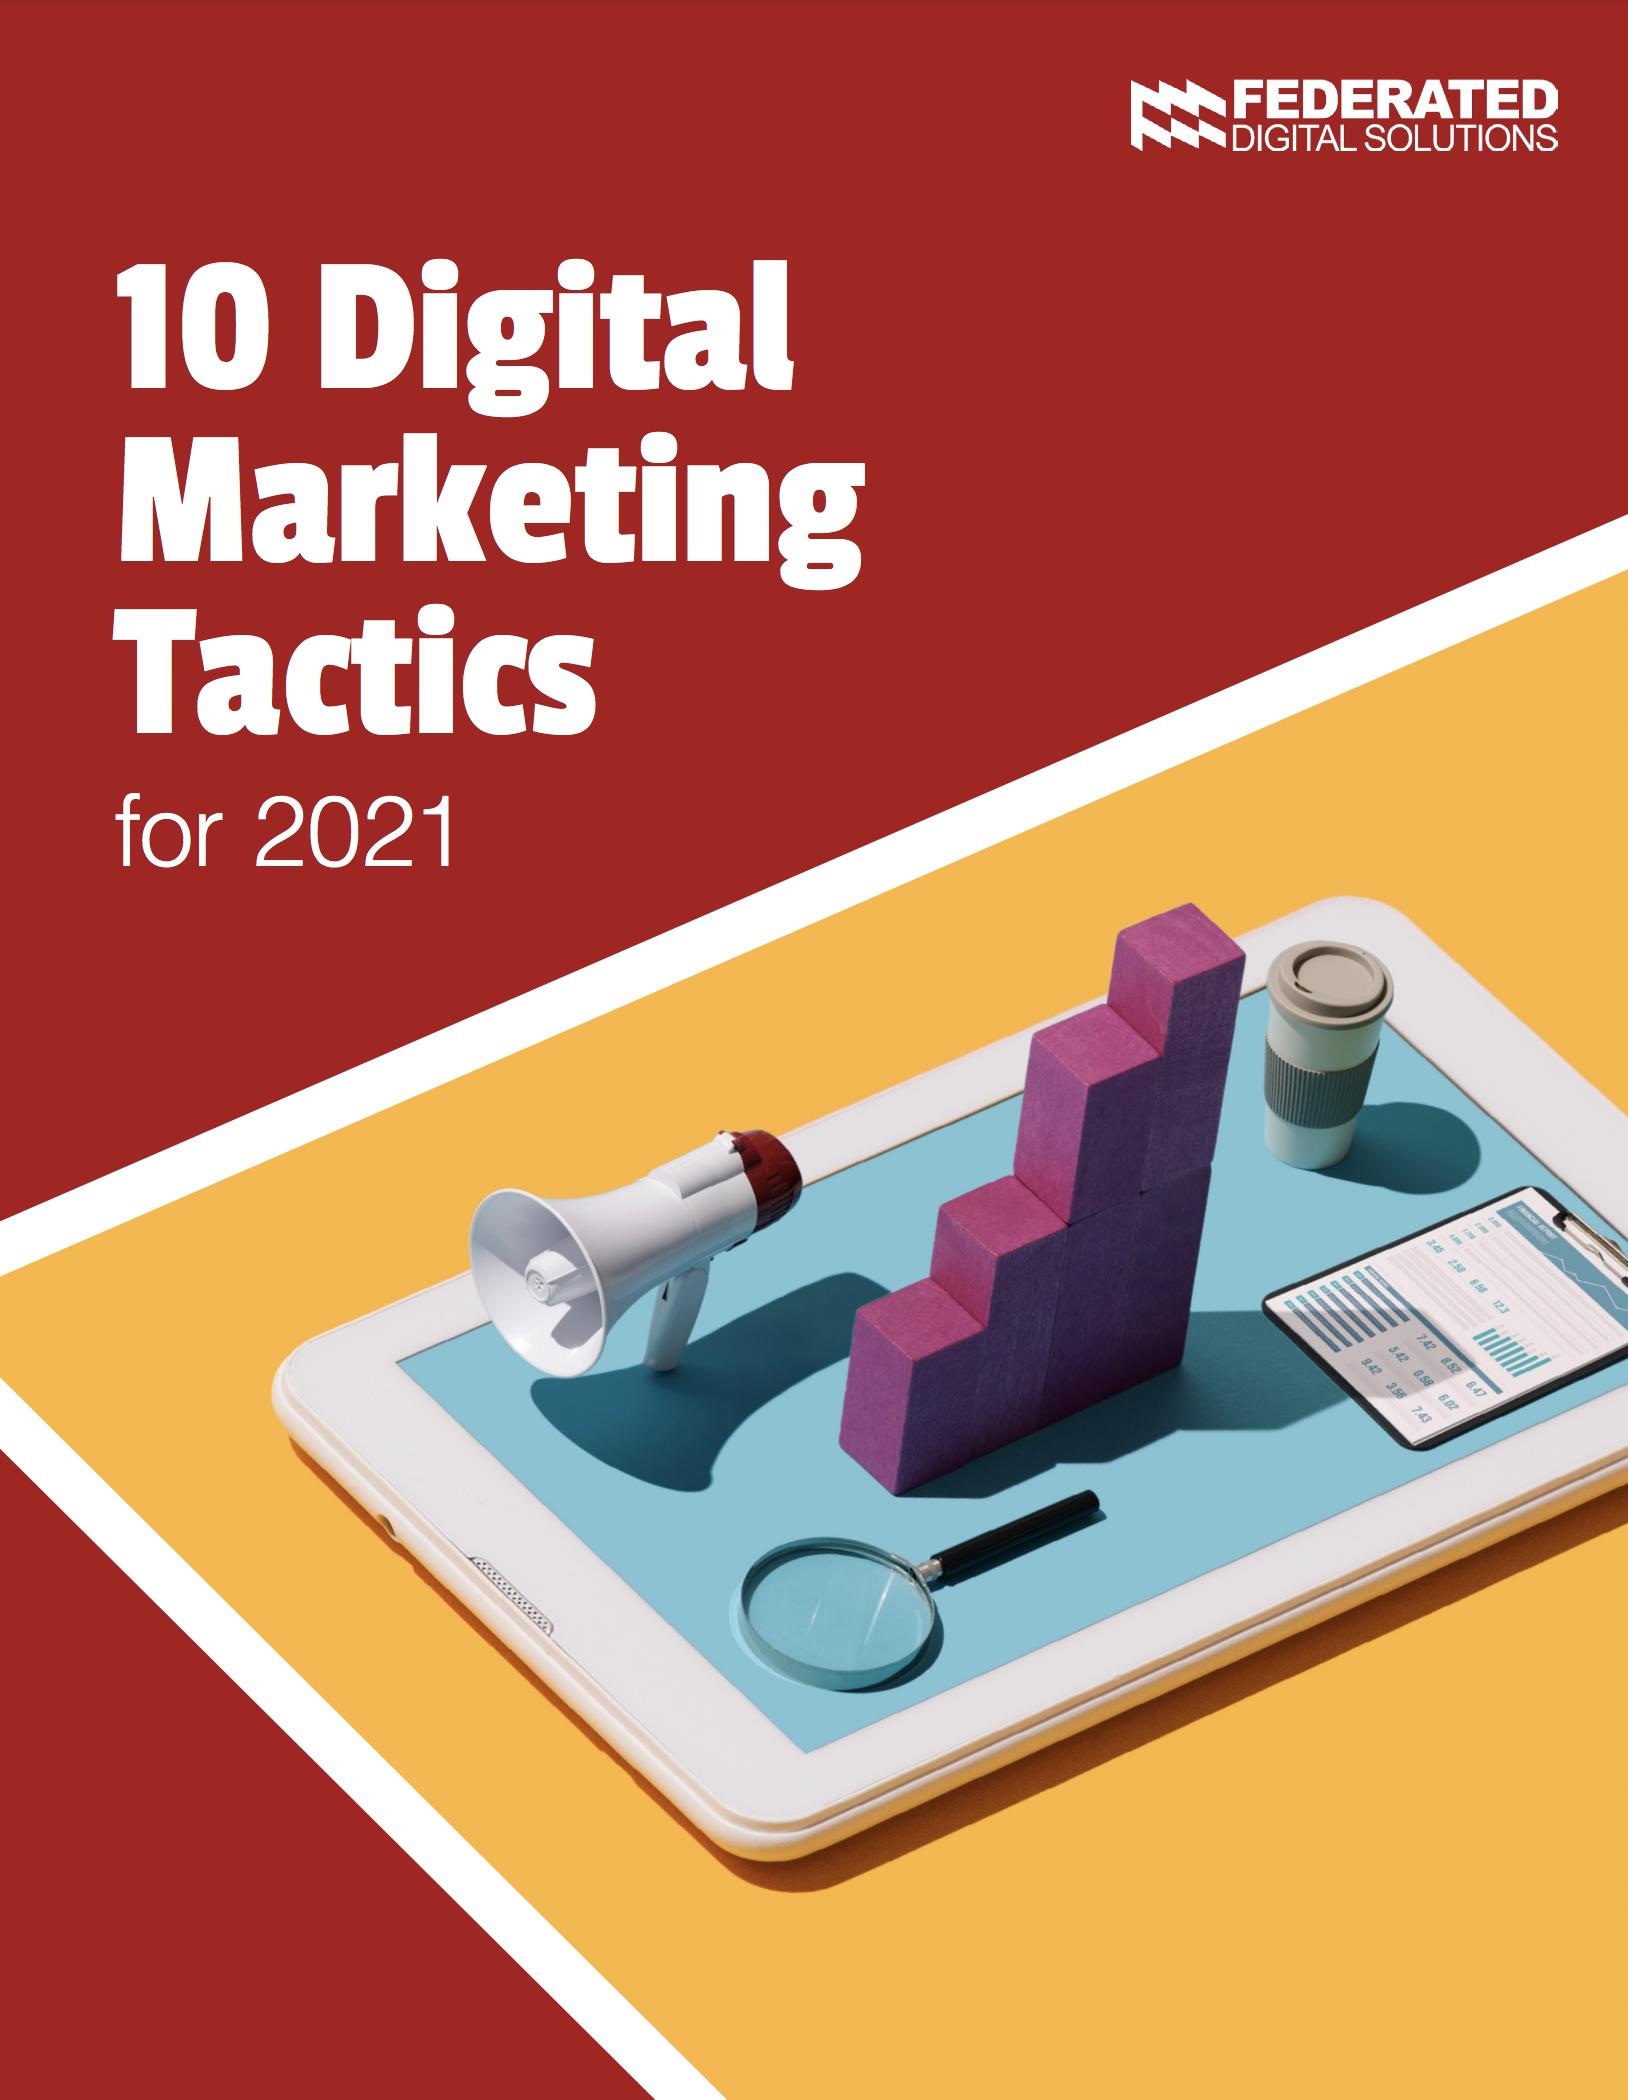 10 Digital Marketing Tactics for 2021 - FDS